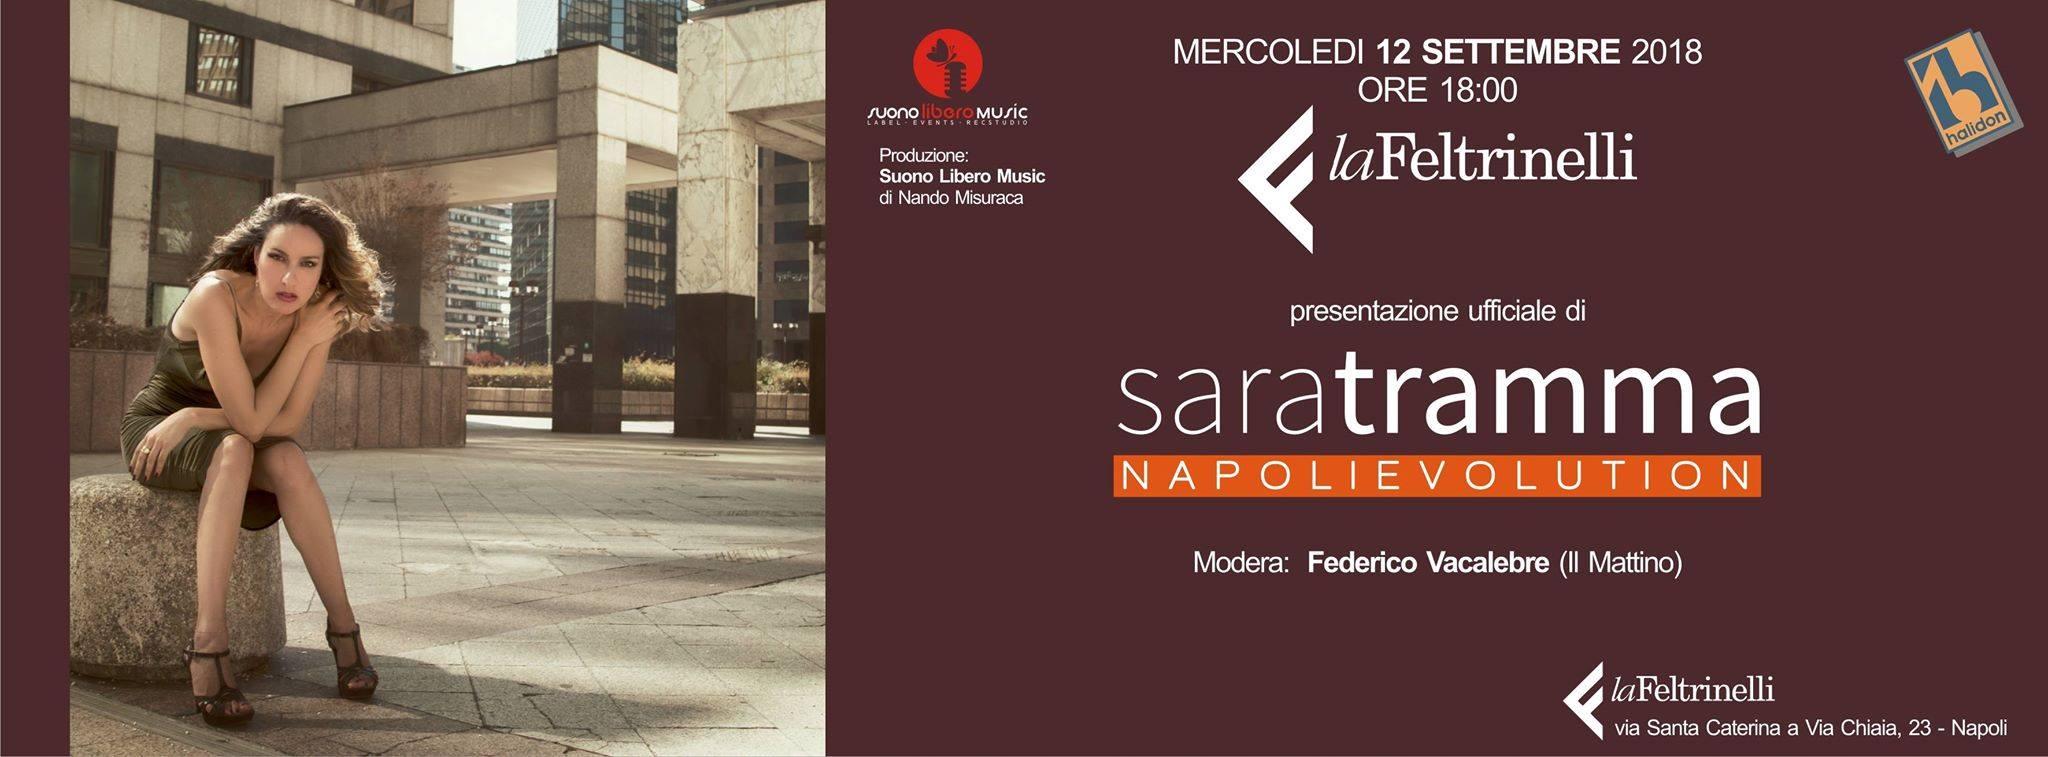 Sara Tramma presenta NapoliEvolution a La Feltrinelli